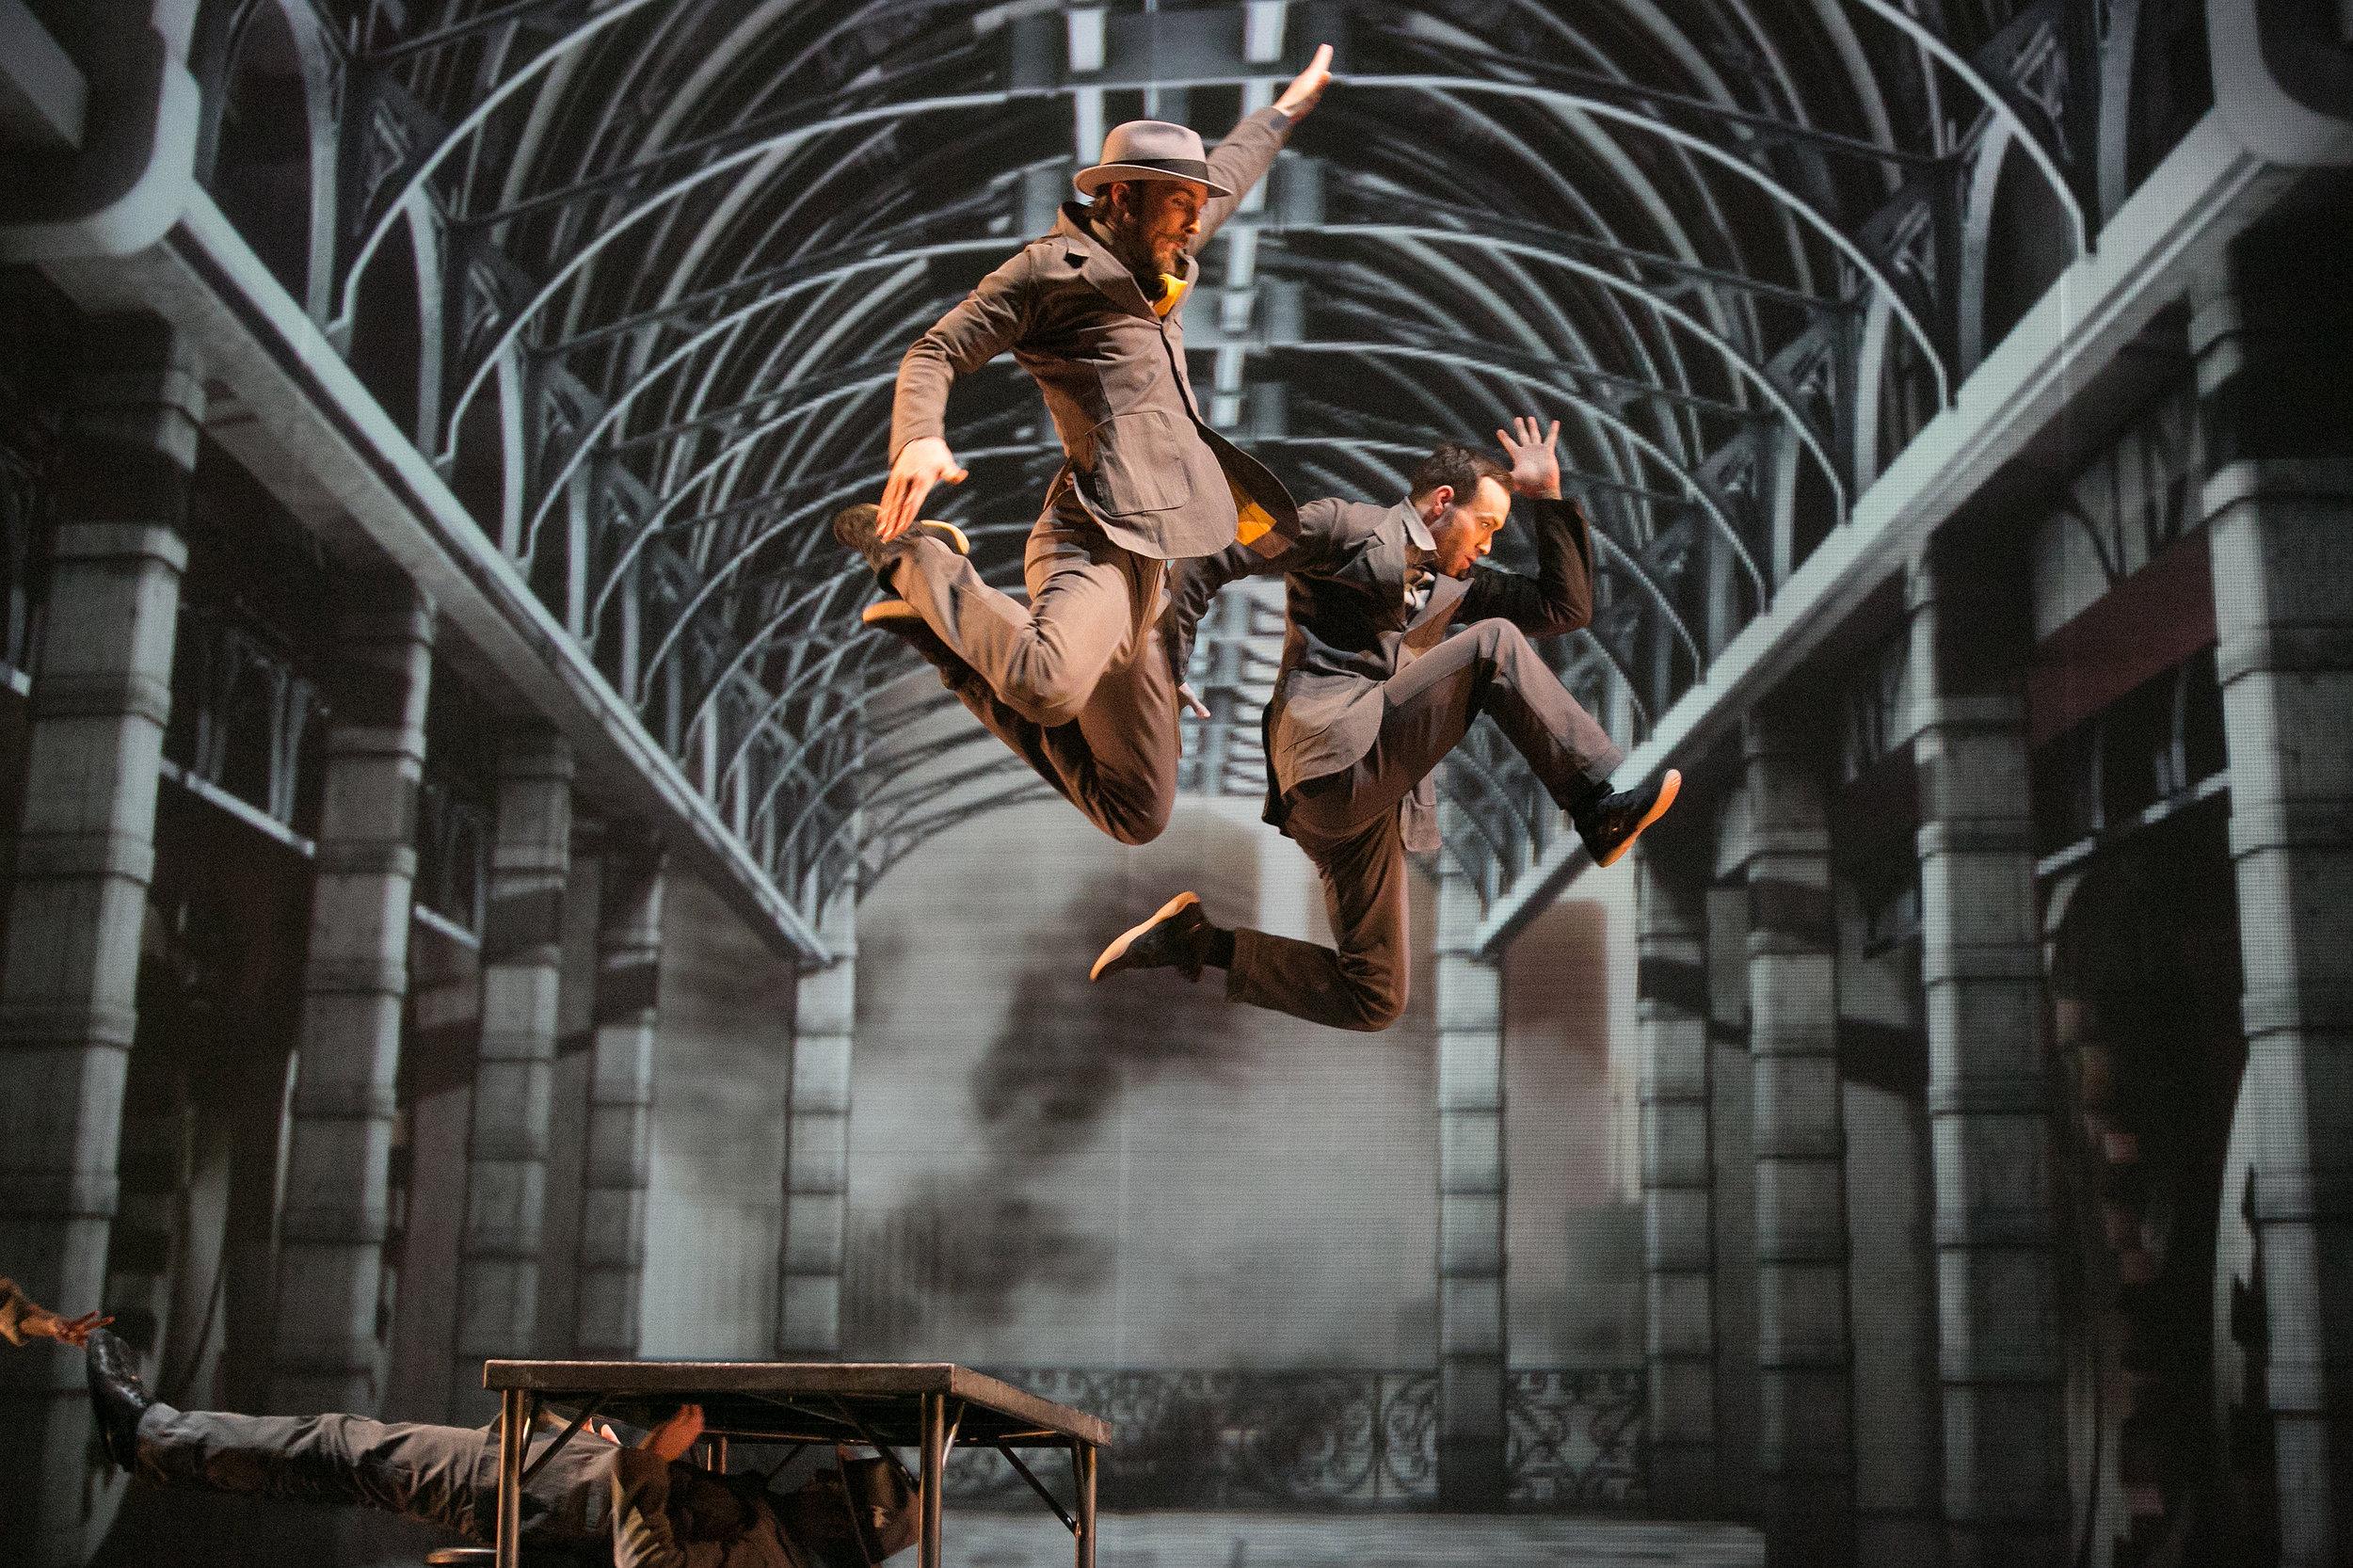 """Cirque Éloize - Der Cirque Éloize wurde 1993 von Daniel Cyr, Claudette Morin, Jeannot Painchaud und Julie Hamelin in Montreal, Kanada, gegründet.Seinen Hauptsitz hat der Cirque Éloize seit 2004 in Old Montreal, im früheren Bahnhof Dalhousie.Auf der Suche nach immer neuen Wegen magische Momente unvergesslich zu machen, schafft der Cirque Éloize seit 1993 inspirierende und poetische Produktionen. Der Cirque Éloize präsentiert seine oftmals erstaunlichen Ideen mit einer beeindruckende Bühnenwirksamkeit und Menschlichkeit.Der Cirque Éloize verbindet die Zirkuskunst mit der Musik, dem Tanz und dem Theater auf moderne und originelle Art. Aufgrund immer neuer, hervorragender Kreationen, zählt der Cirque Éloize heute zu den besten Zirkussen der Welt.Der Cirque Éloize hat mit all seinen rund 100 Mitarbeitern und zahlreicher Produktionen bisher über 5000 Vorstellungen in mehr als 550 Städten und 50 Ländern gegeben. Bis heute haben mehr als drei Millionen Menschen eine Show des Cirque Éloize besucht.Die Artisten: Annie-Kim Déry, Arthur Parson, Ashley Carr / Eve Bigel / Frédéric Lemieux-Cormier / Klaudyna """"Klodi"""" Dabkiewicz / Seppe van Looveren / Tristan Nielsen / Yann Leblanc.Management & Crew: Frédéric Bélanger, Storyline and Transitions / Jean-Philippe La Couture, Producer / Nicolas Boivin-Gravel, Artistic Director / Claude Tremblay, Production/Team Manager / Marc Labranche, Artistic Rigger"""